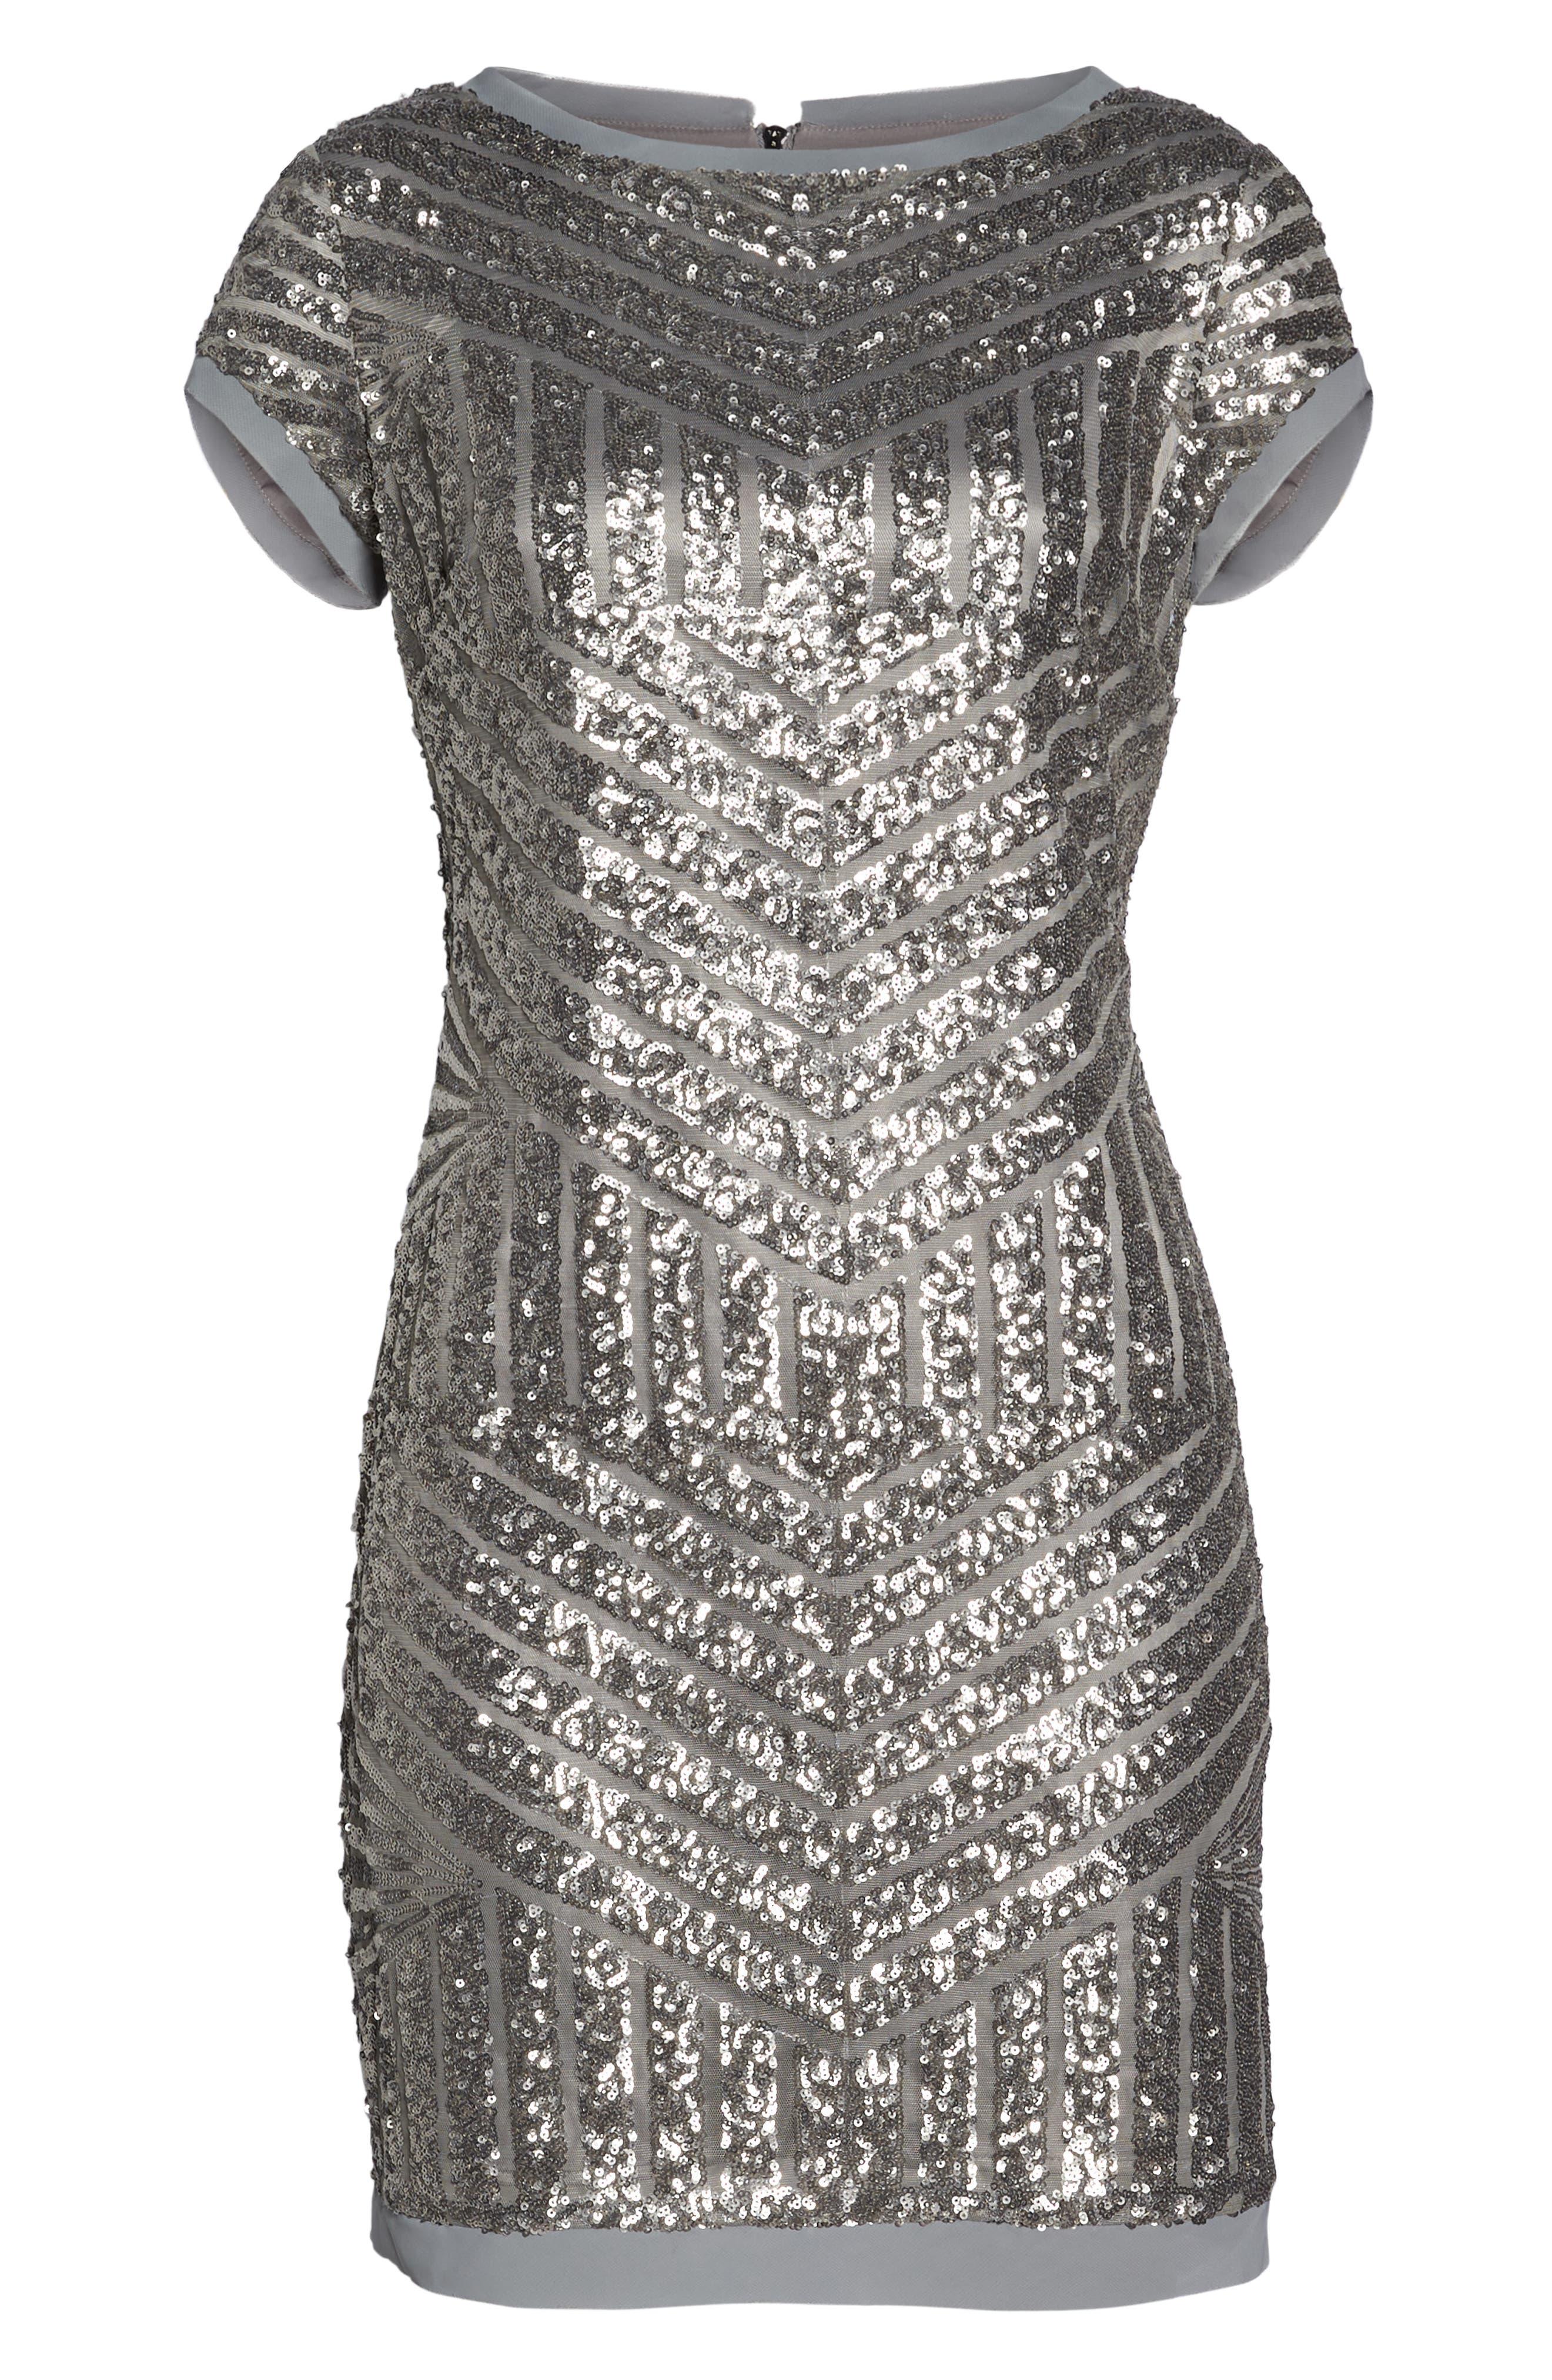 Sequin Embellished Shift Dress,                             Alternate thumbnail 7, color,                             040